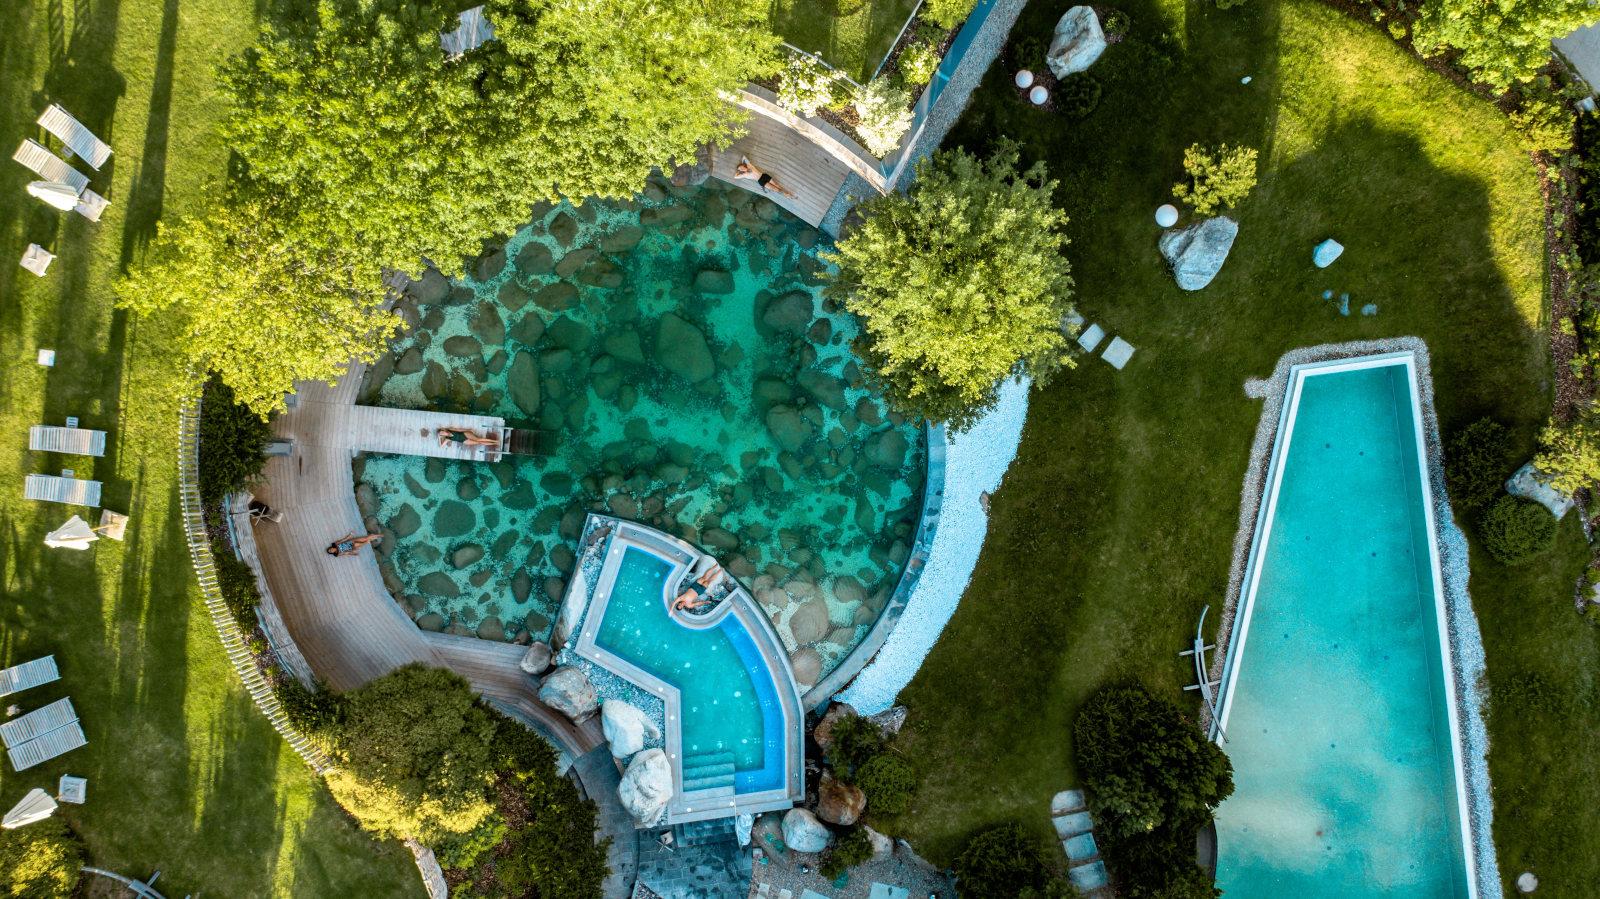 """Das """"unendlich umfangreiche Angebot, um aktiv zu sein und fit zu werden"""" war den Fachjuroren die Auszeichnung mit der Wellness Aphrodite 2020 in der Kategorie """"Fitness & Sport"""" für das Hotel Jungbrunn im Tannheimer Tal wert. Bildnachweis: Hotel Jungbrunn, Tannheim/Tirol"""